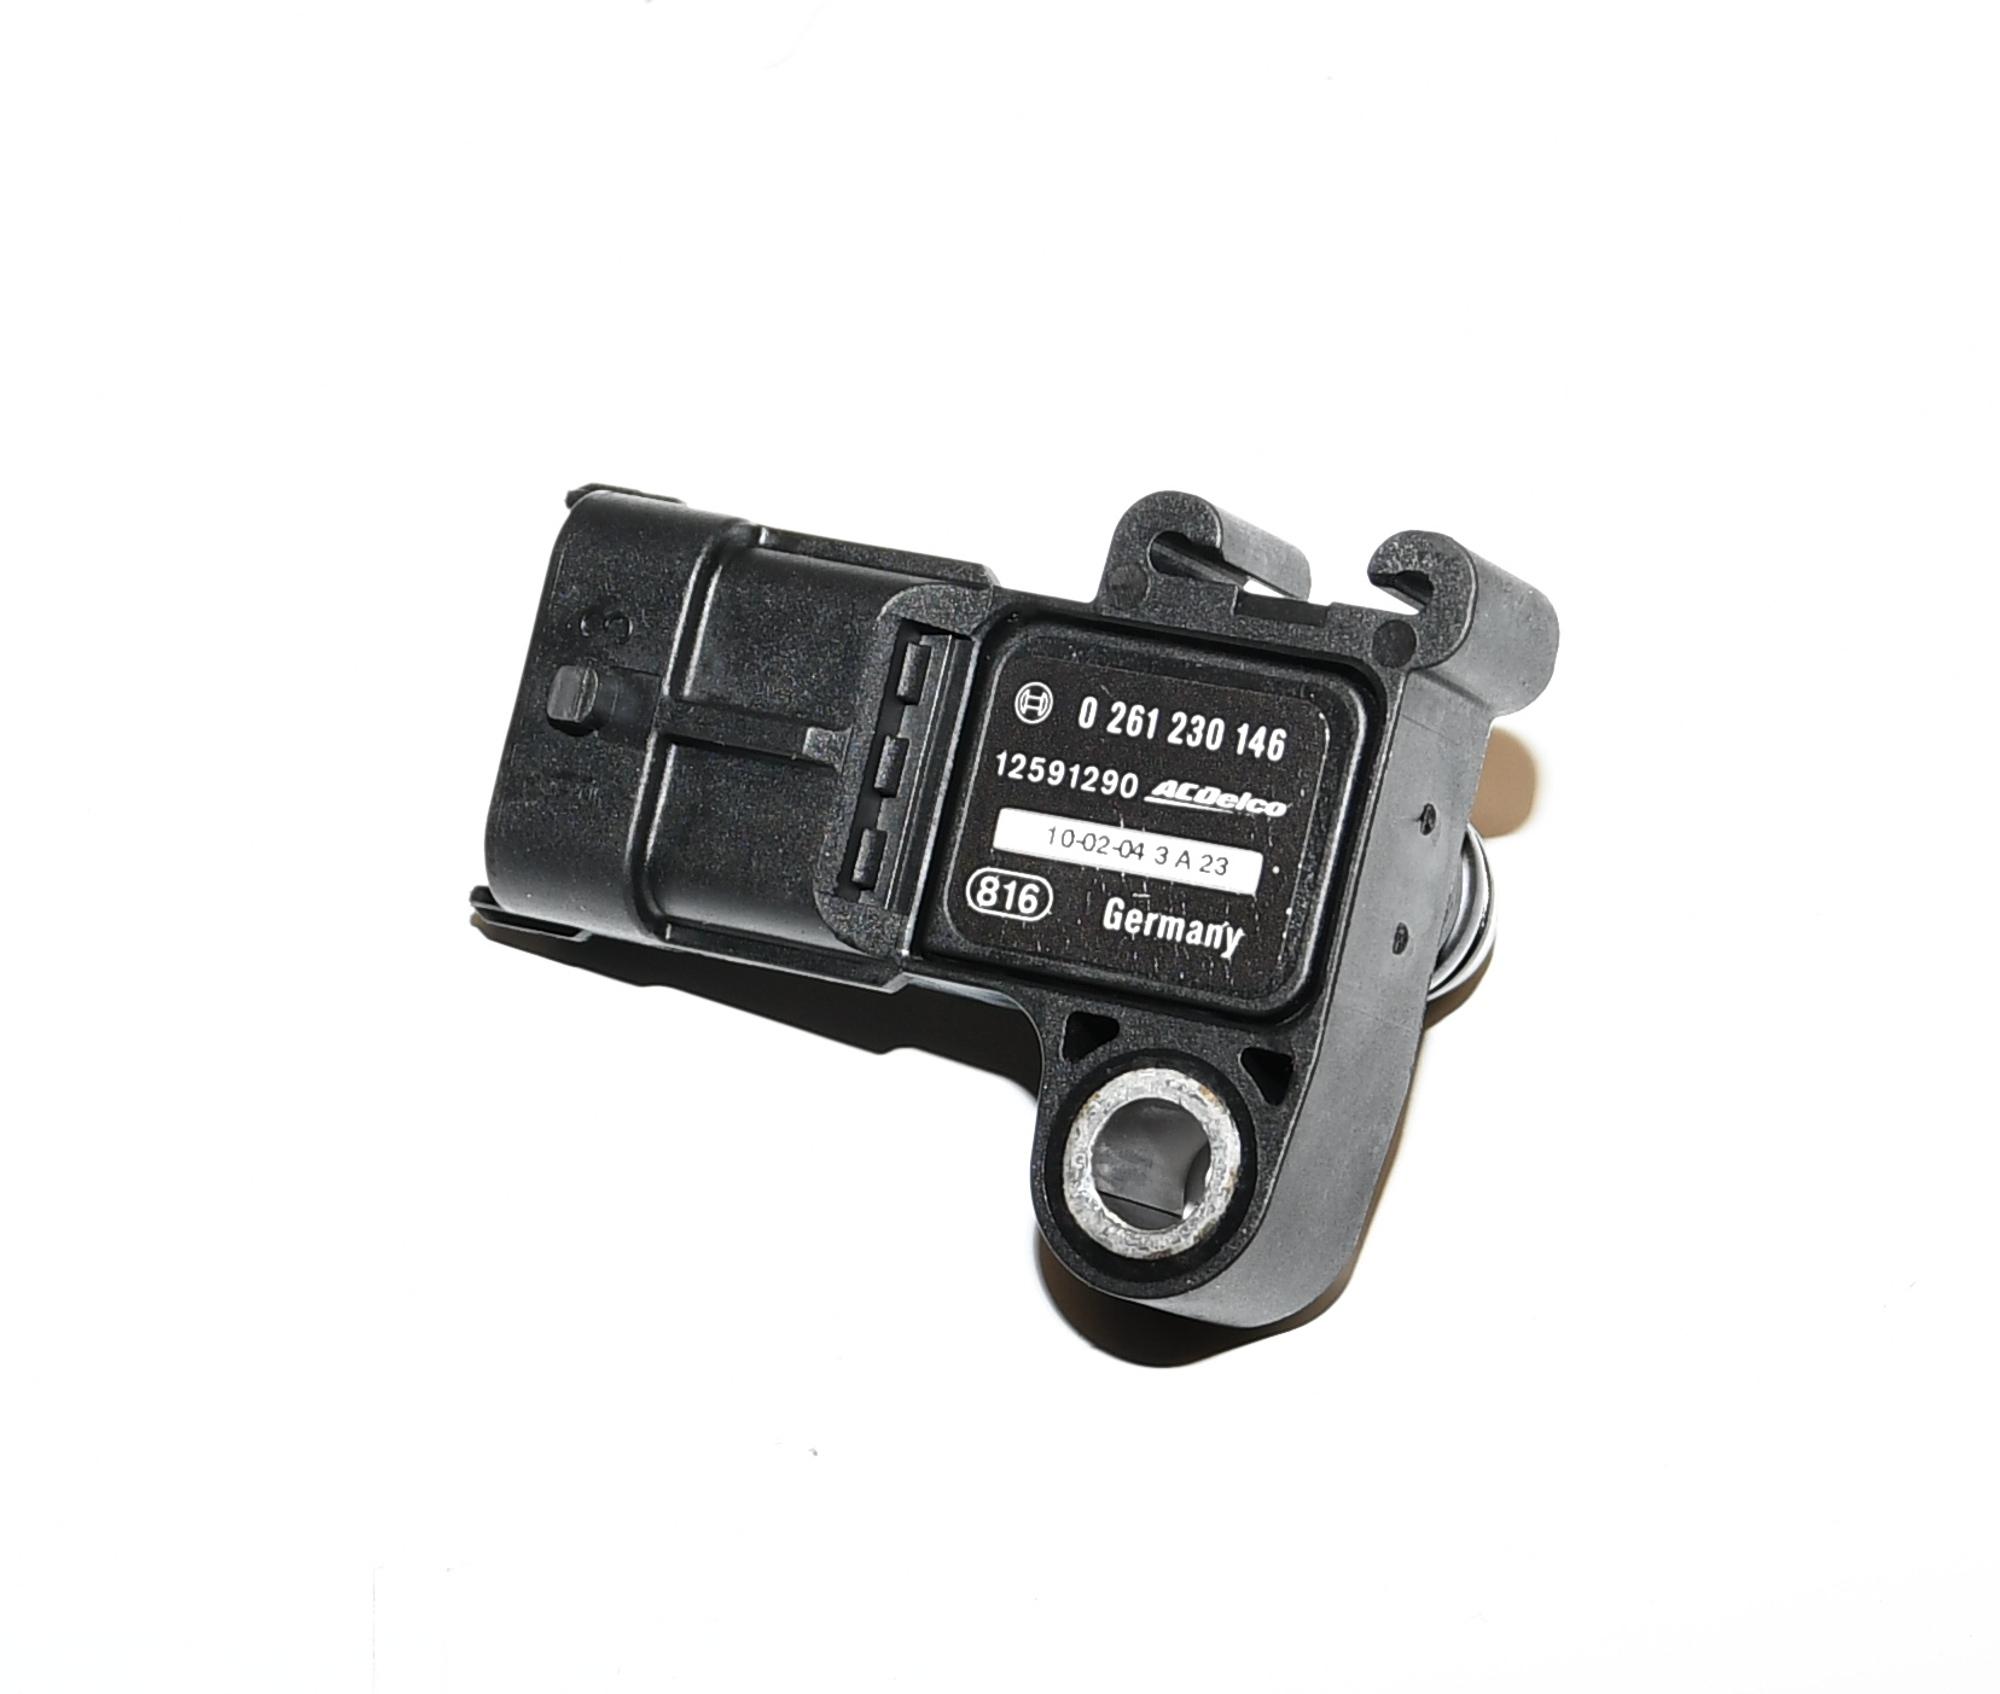 Drucksensor MAP Sensor  12591290 Corsa D Original Bosch